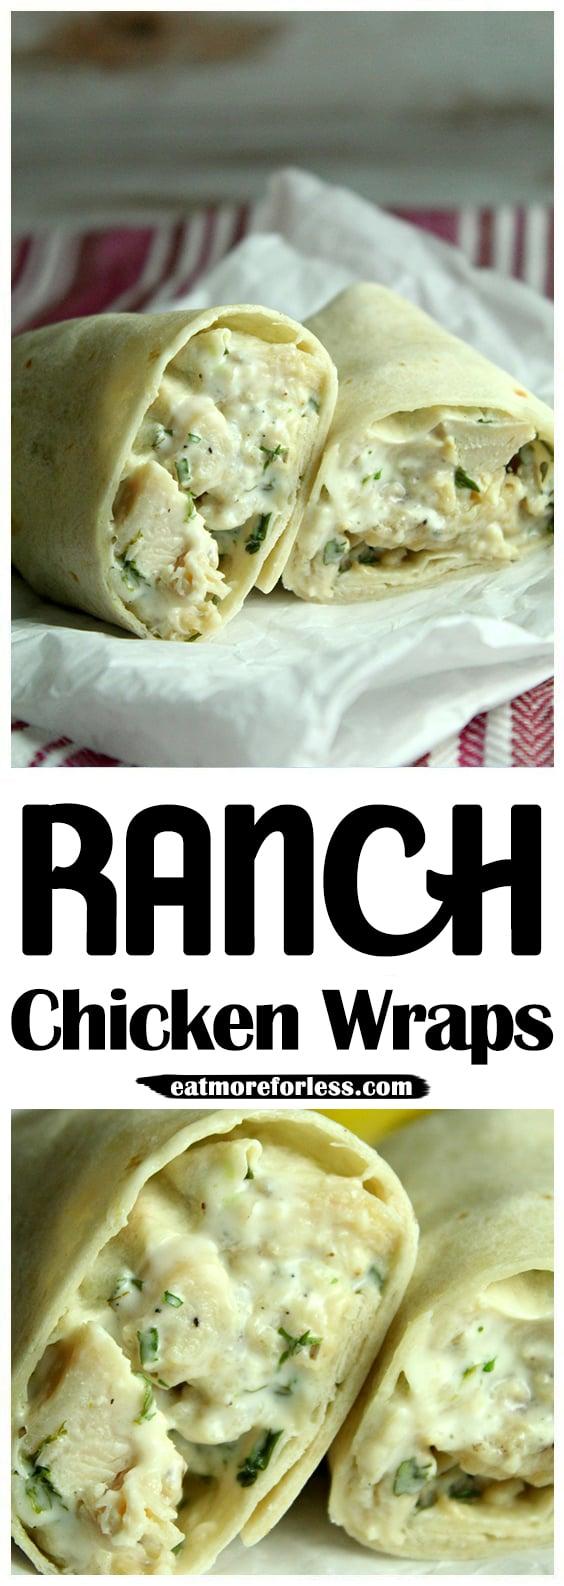 Ranch Chicken Wraps